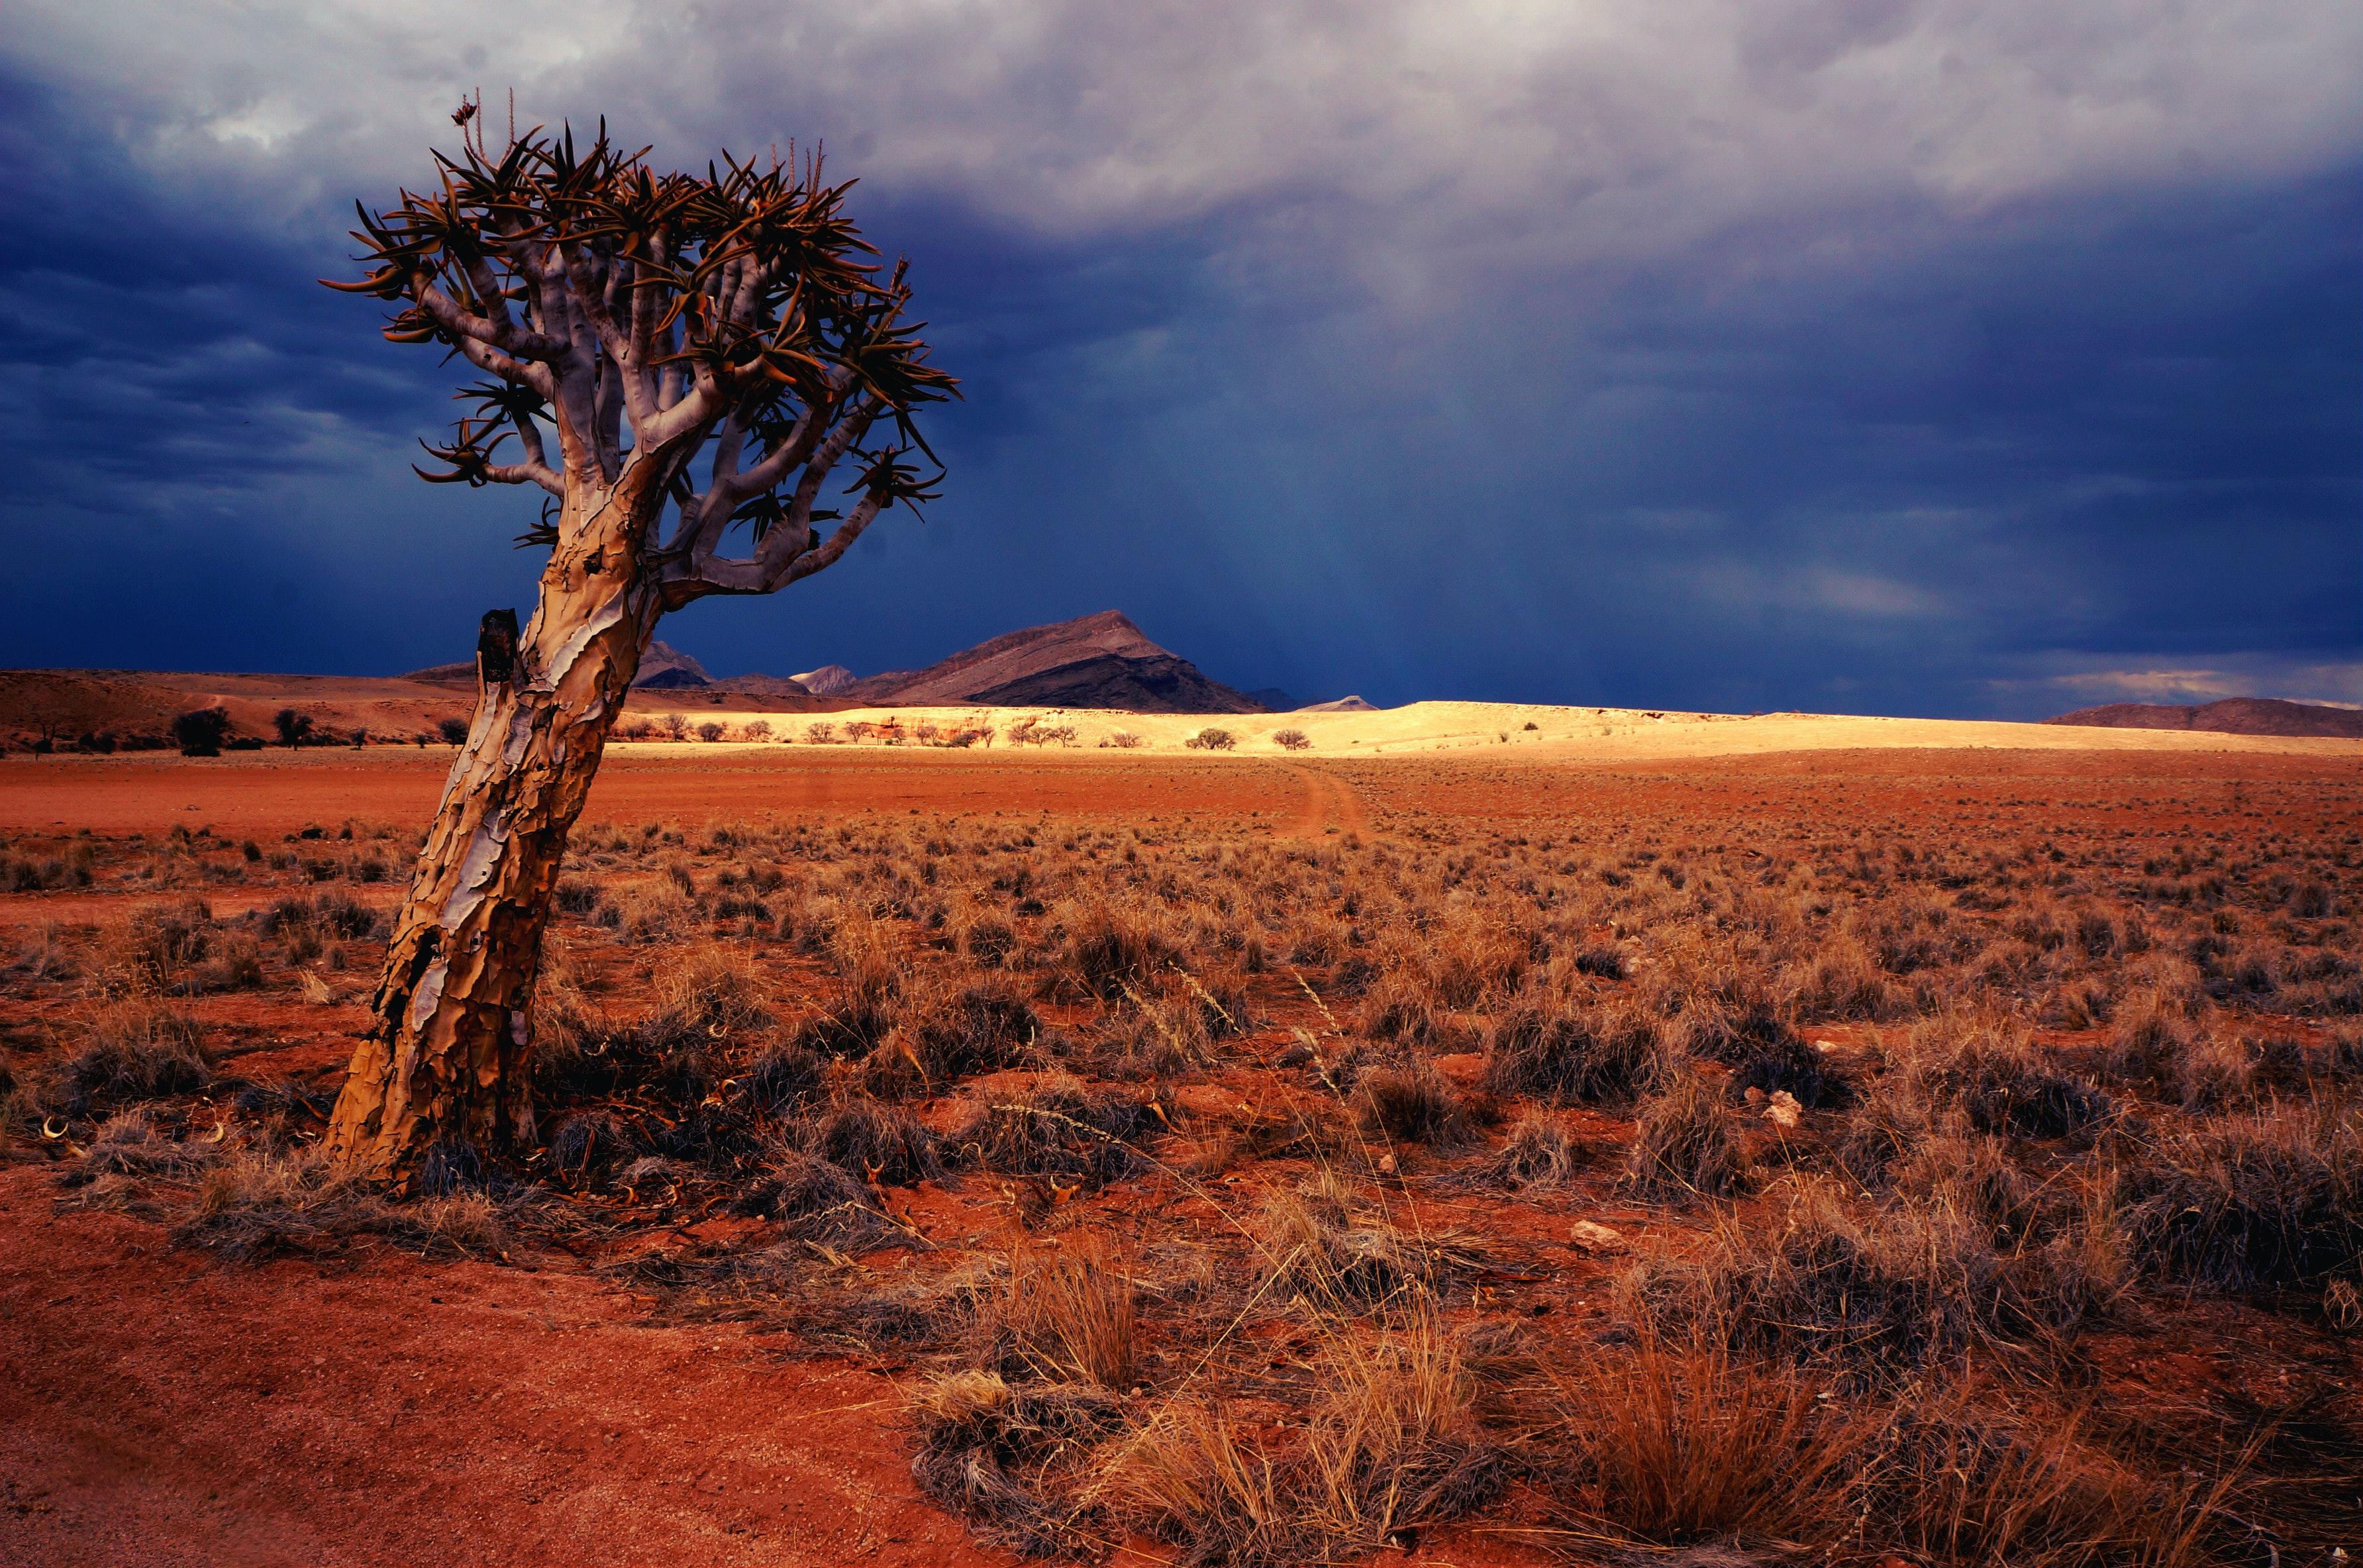 צינור הנפט החדש שמאיים על הטבע באפריקה